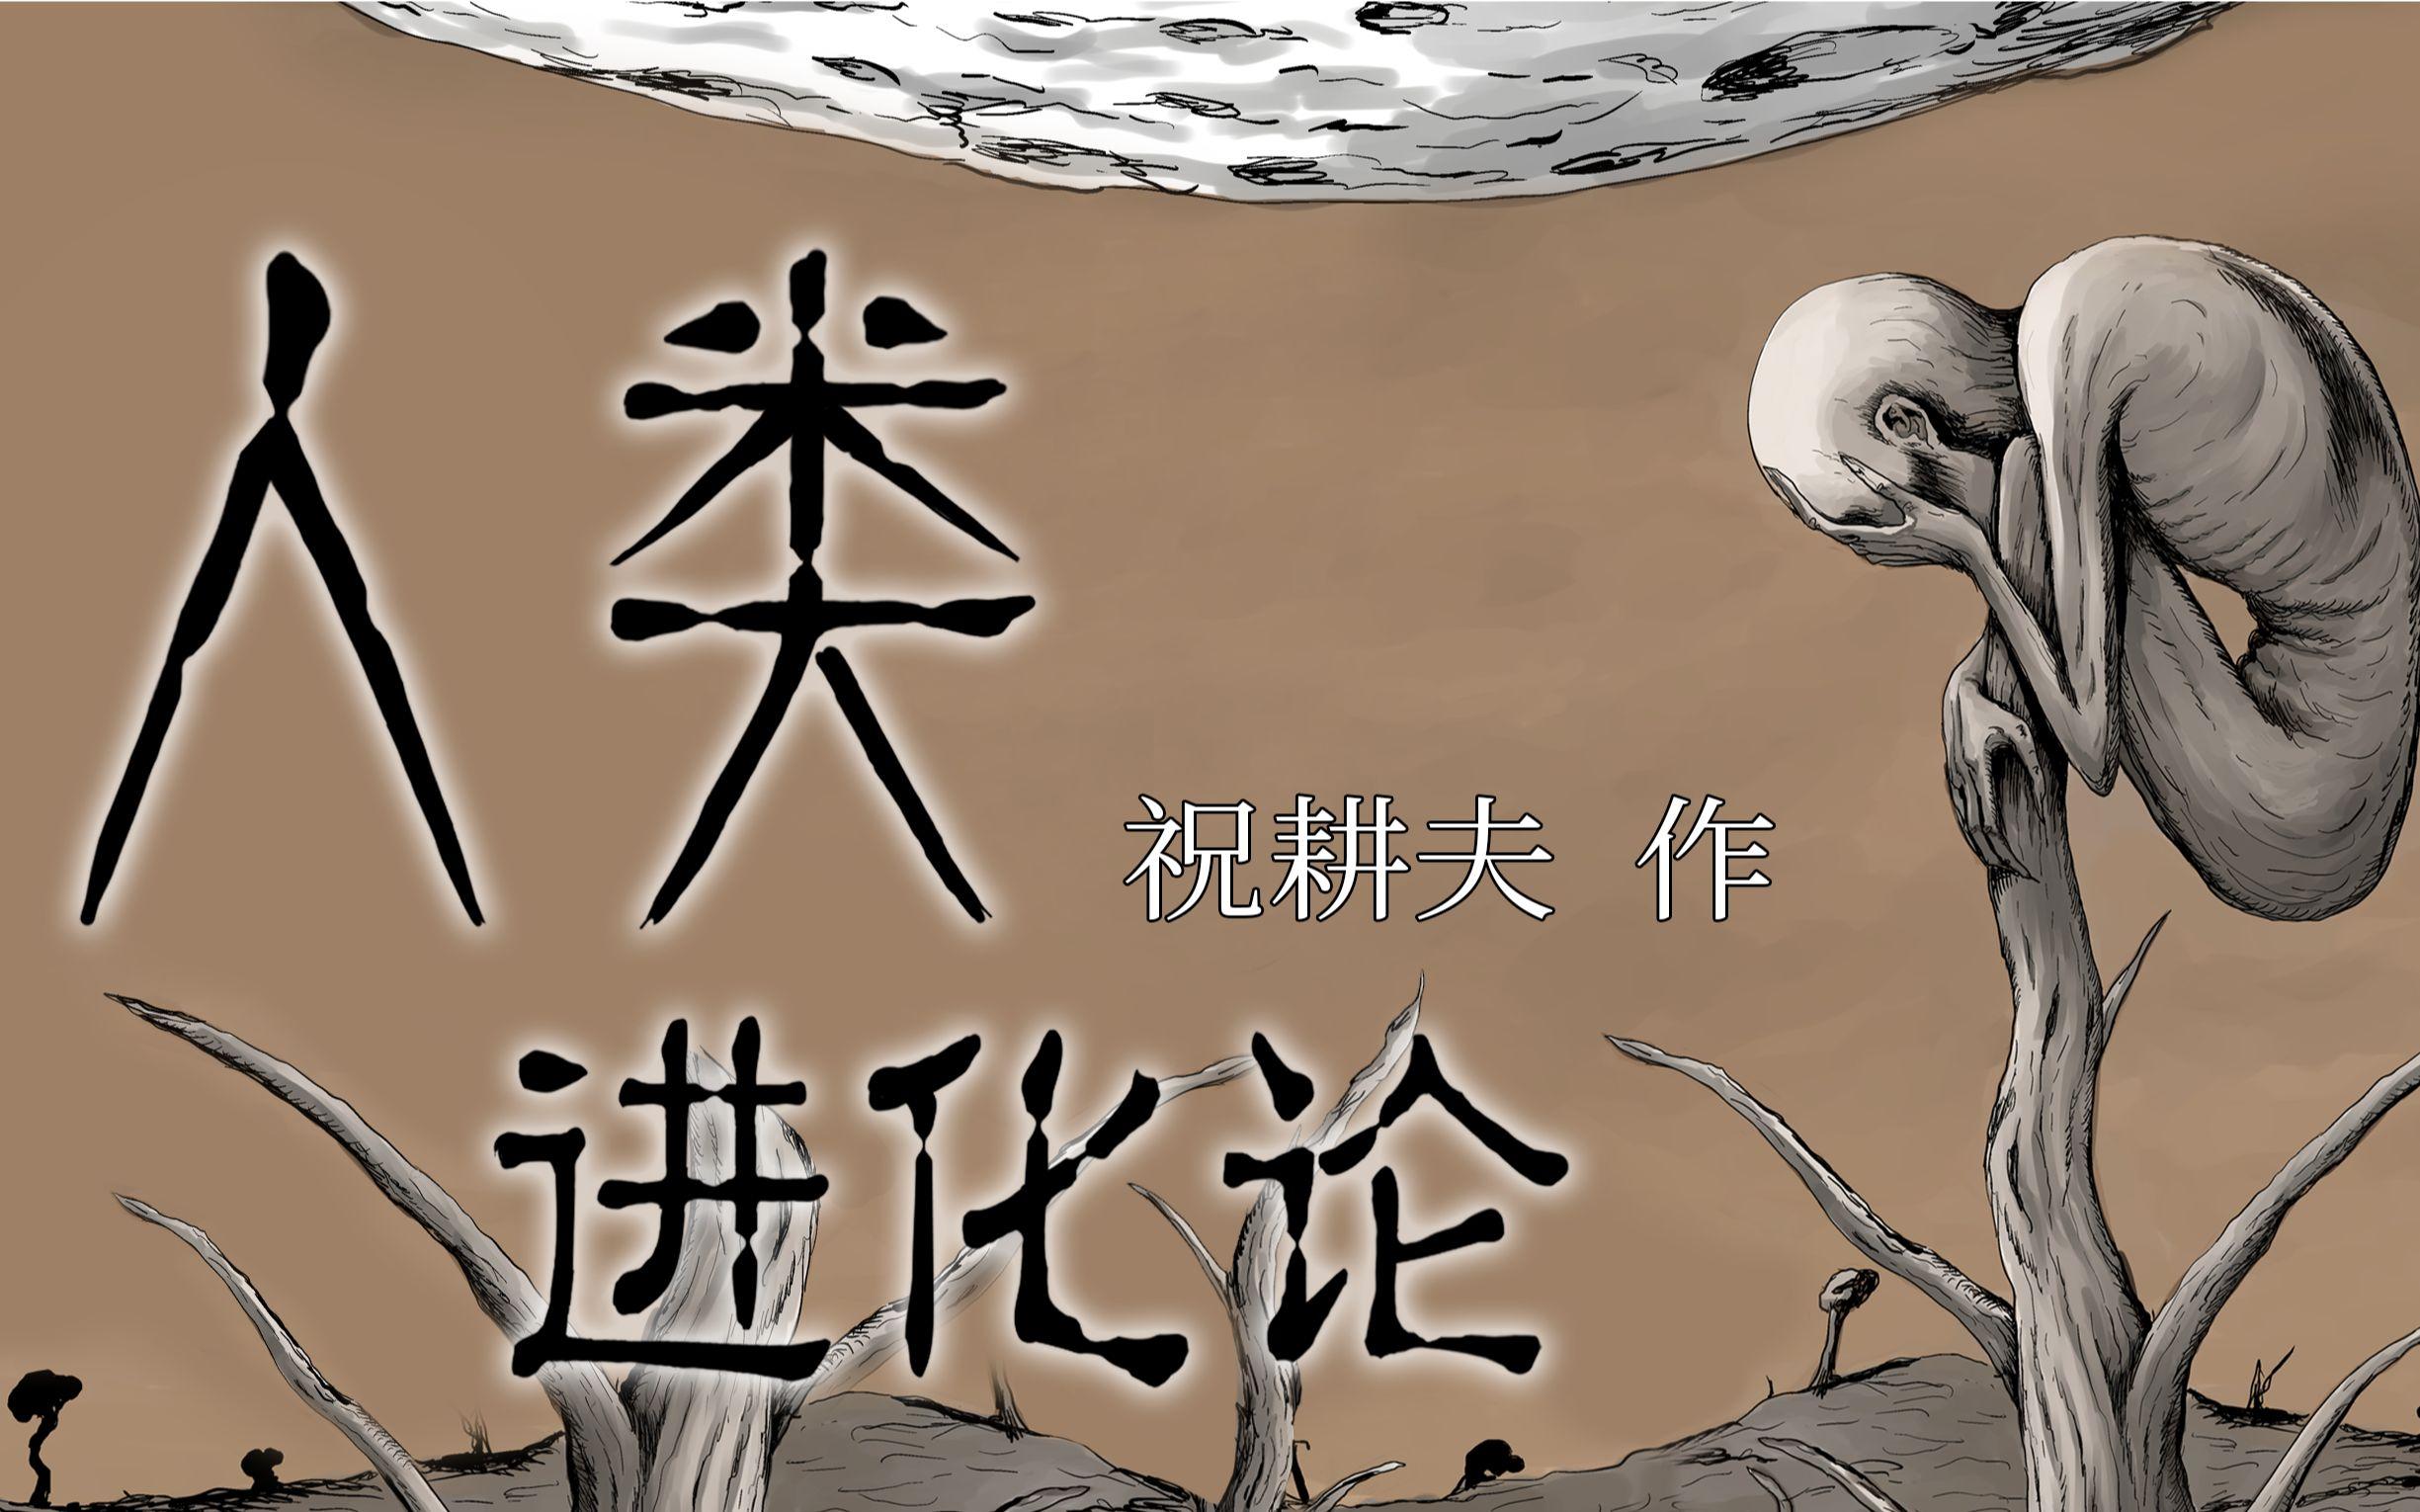 【漫畫】《人類進化論》PV(原名《惡魔的書架》)_嗶哩嗶哩 (゜-゜)つロ 干杯~-bilibili